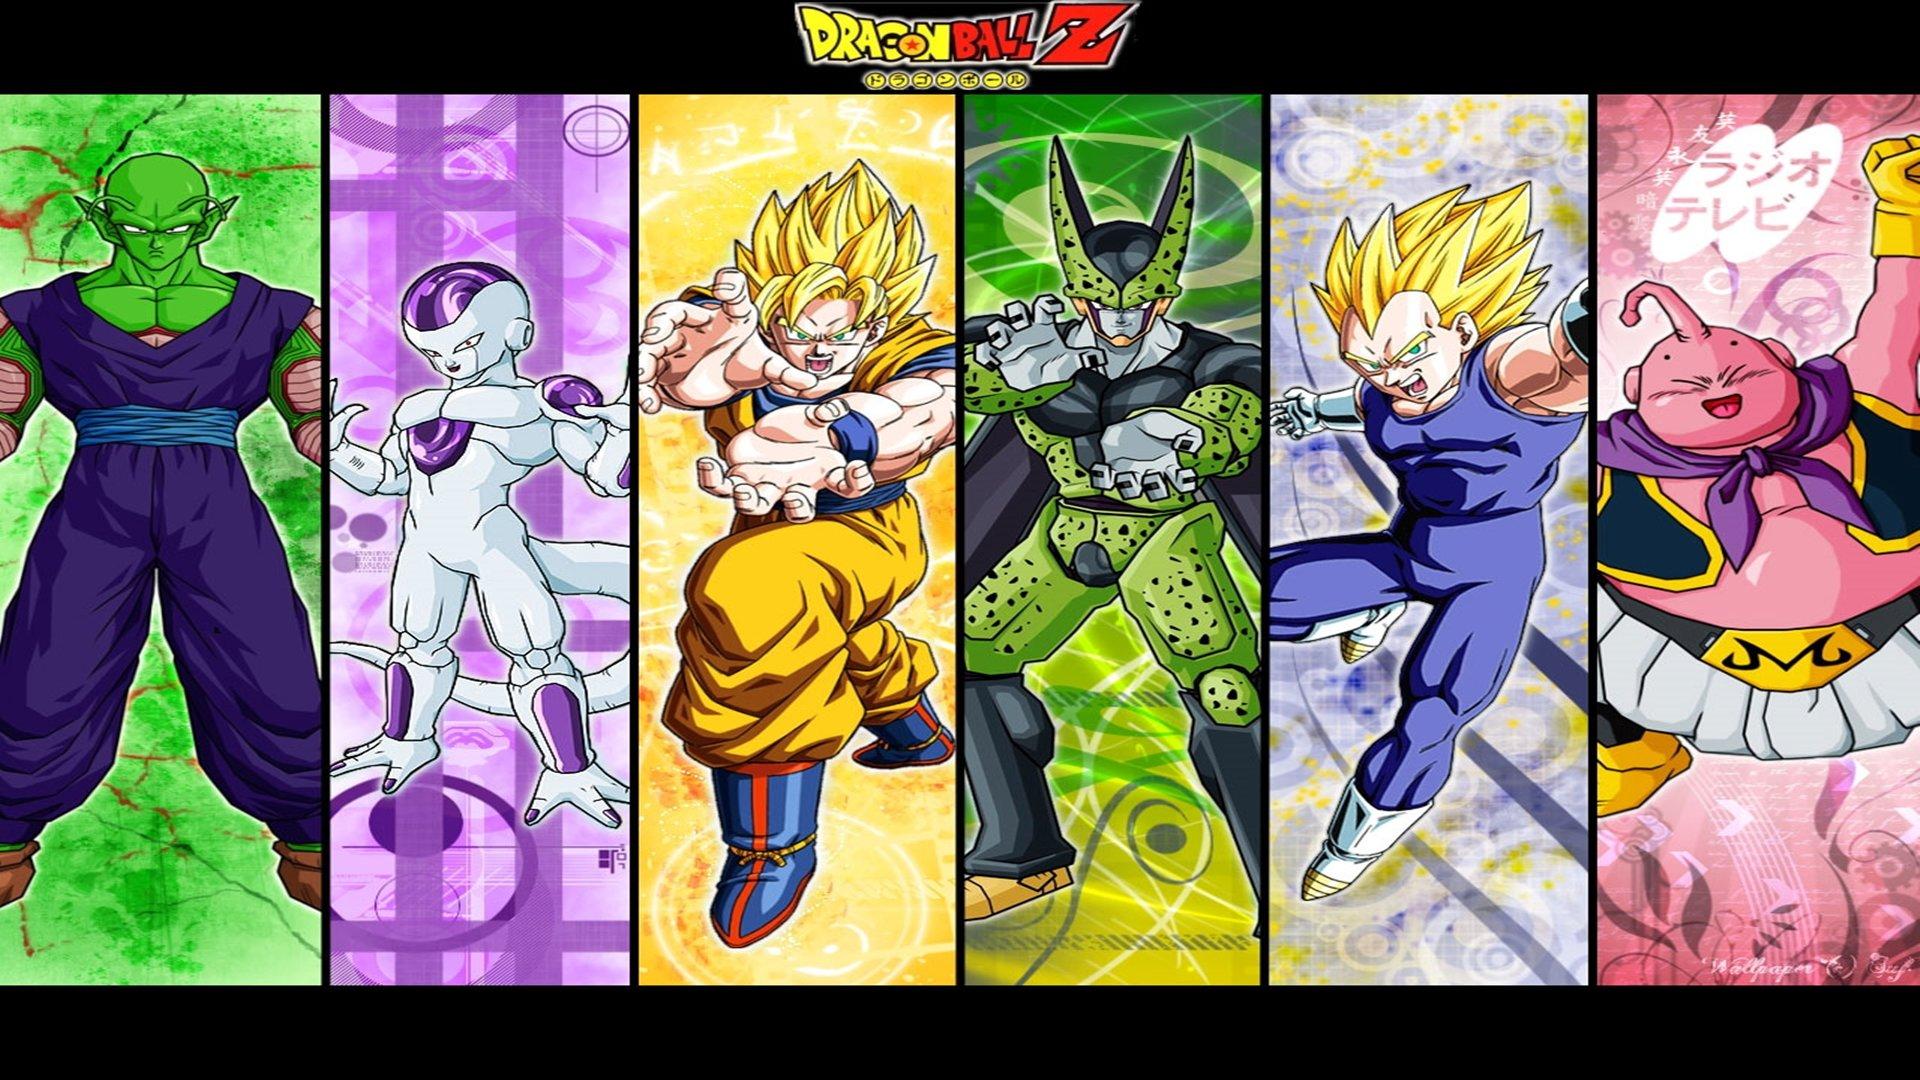 Download 1080p Dragon Ball Z: Budokai Tenkaichi 3 (DBZ BT3